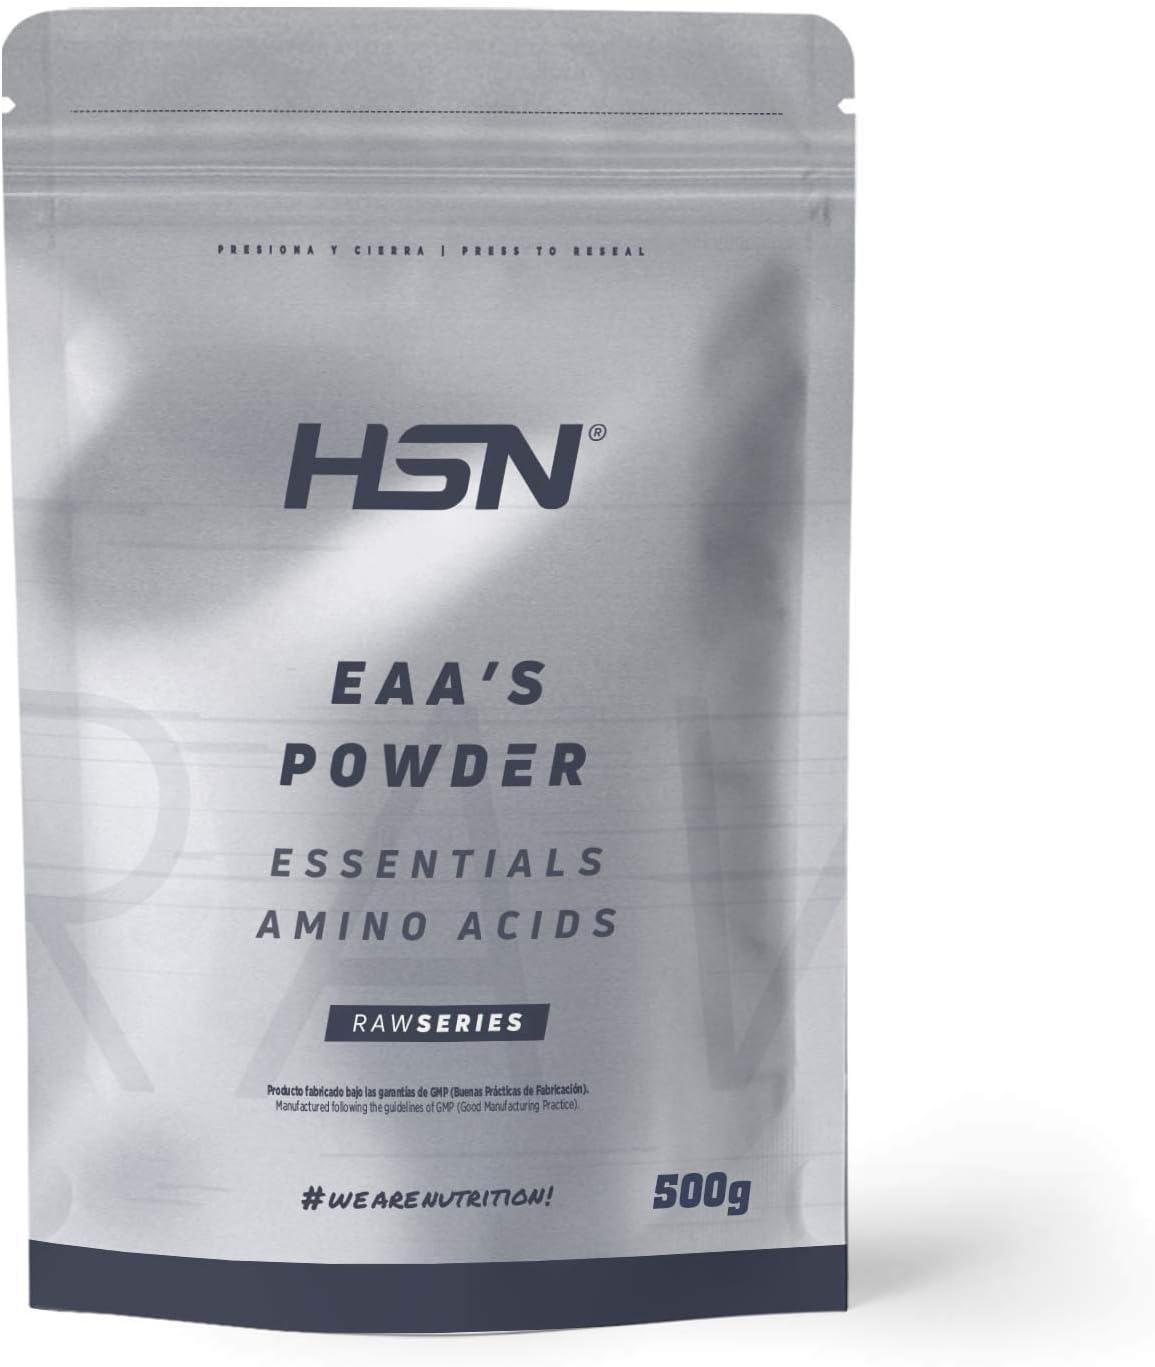 Aminoácidos Esenciales en Polvo de HSN   EAAs (Essential Amino Acids)   Síntesis de Proteínas + Aumento de Masa Muscular + Recuperador Muscular   Vegano, Sin Gluten, Sin Lactosa, Sin Sabor, 500g